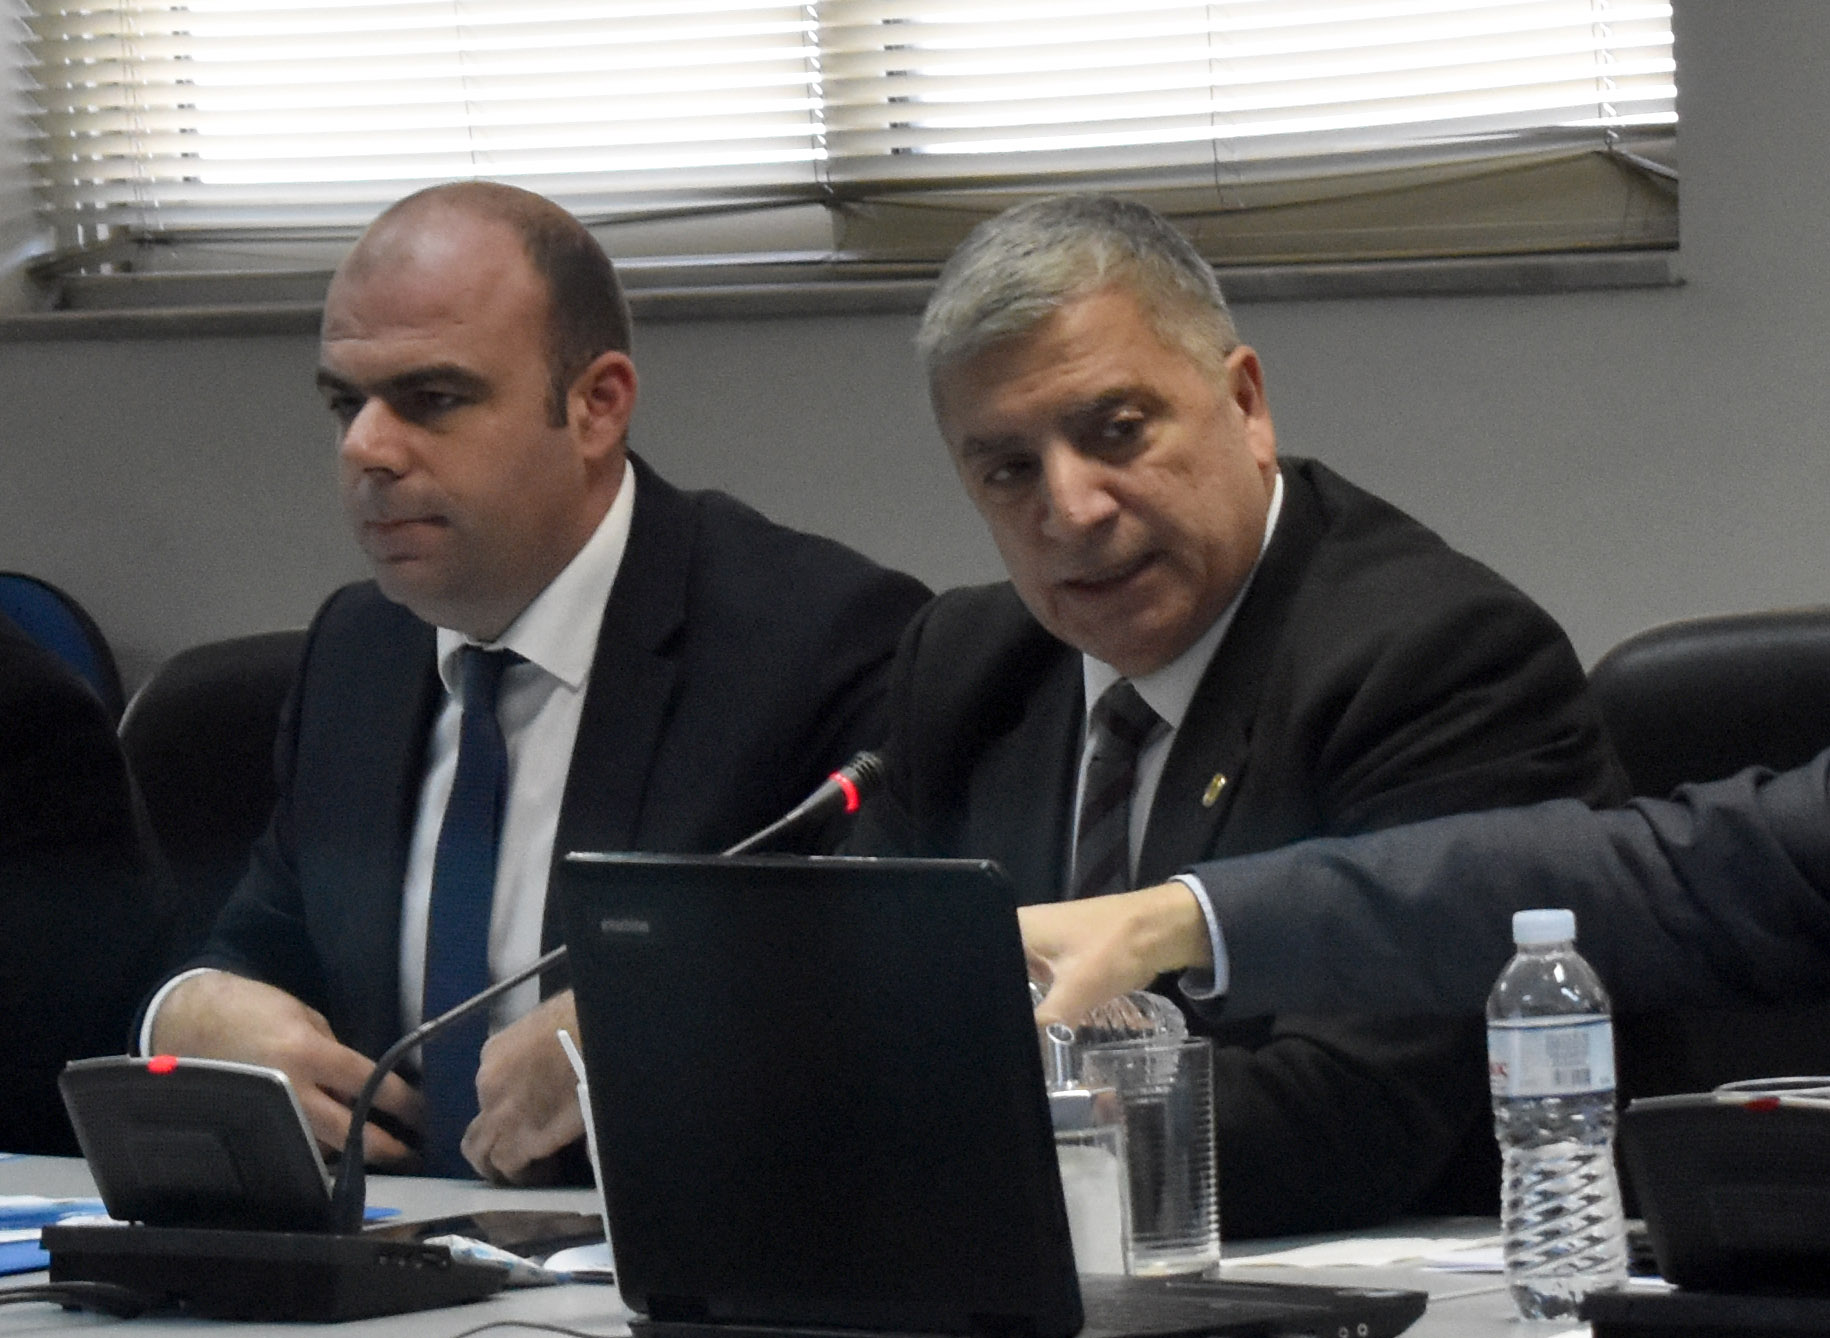 Λ. Κοσμόπουλος: «Συμβάλλουμε για την προστασία των συμπολιτών μας στις κρίσιμες αυτές στιγμές»